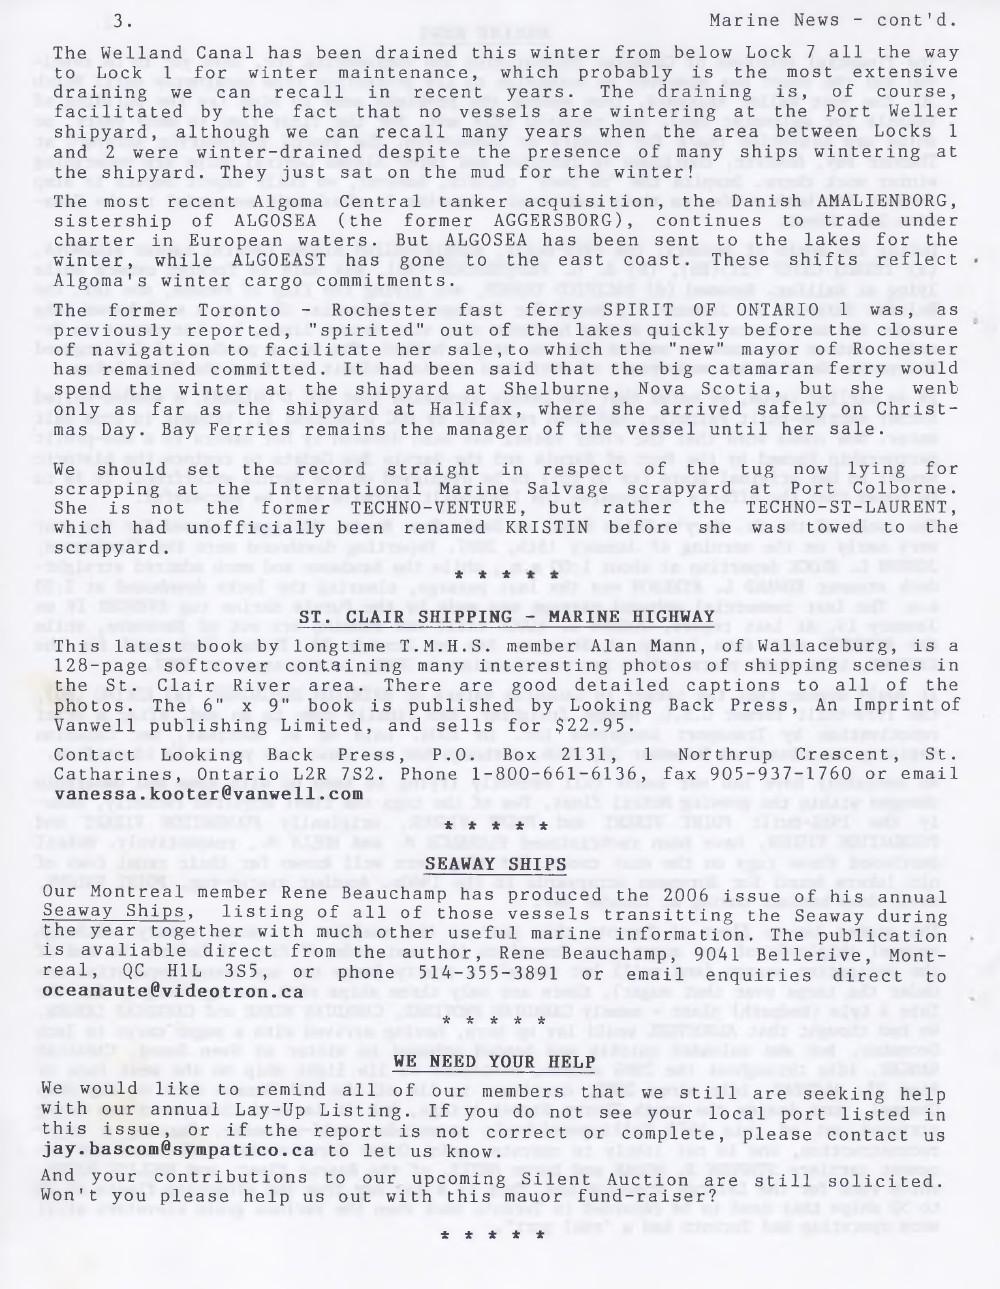 Scanner, v. 39, no. 4 (February 2007)